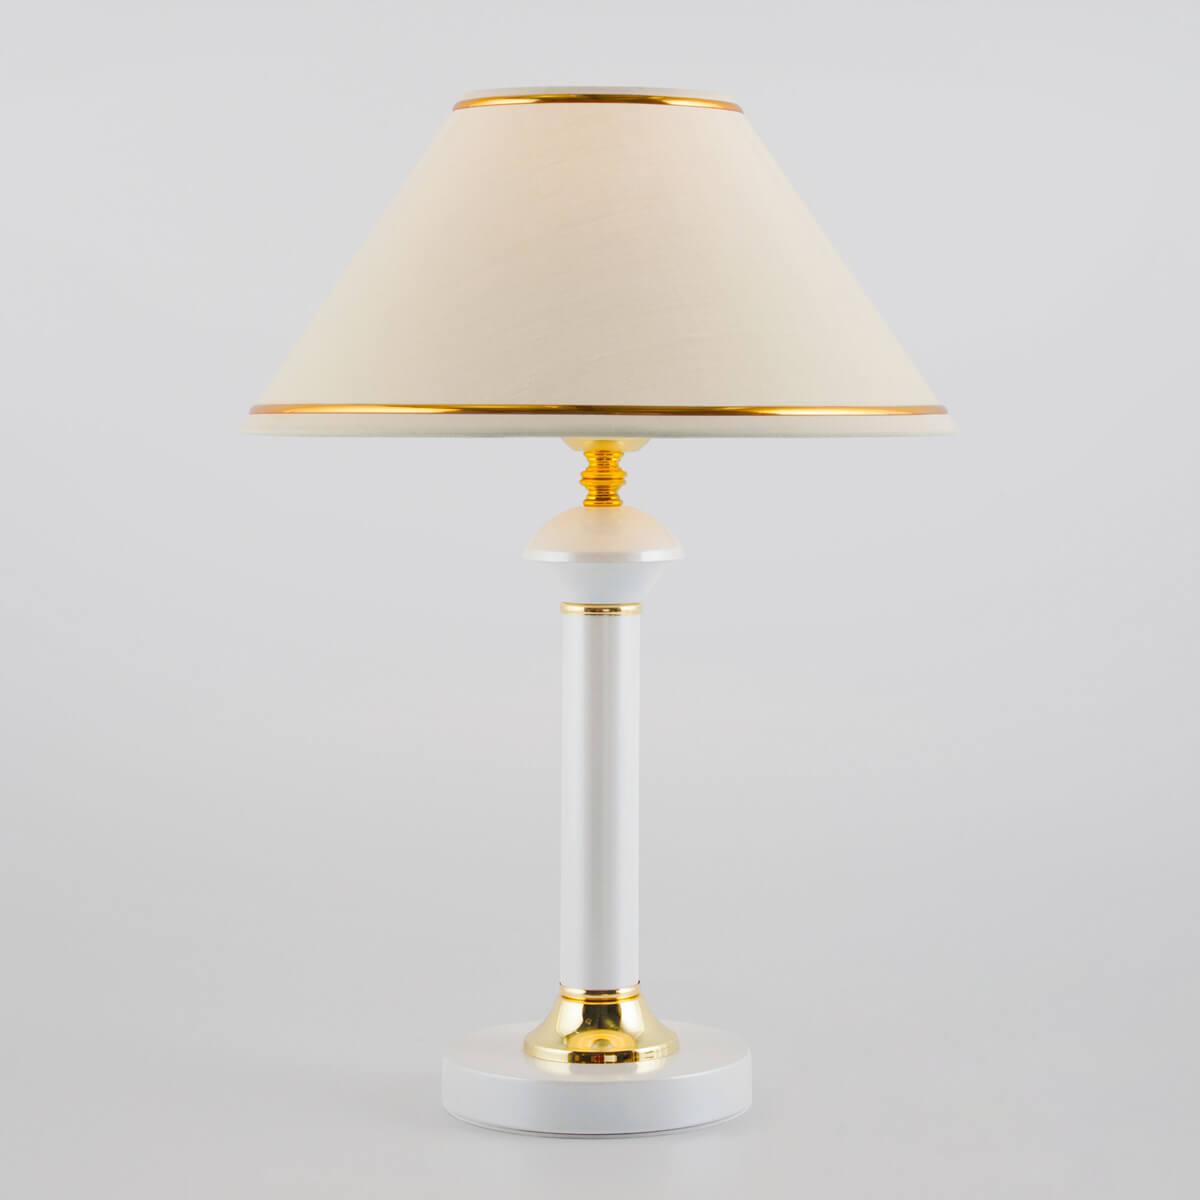 Настольная лампа Eurosvet 60019/1 глянцевый белый Lorenzo настольная лампа eurosvet 60019 1 глянцевый белый 40 вт